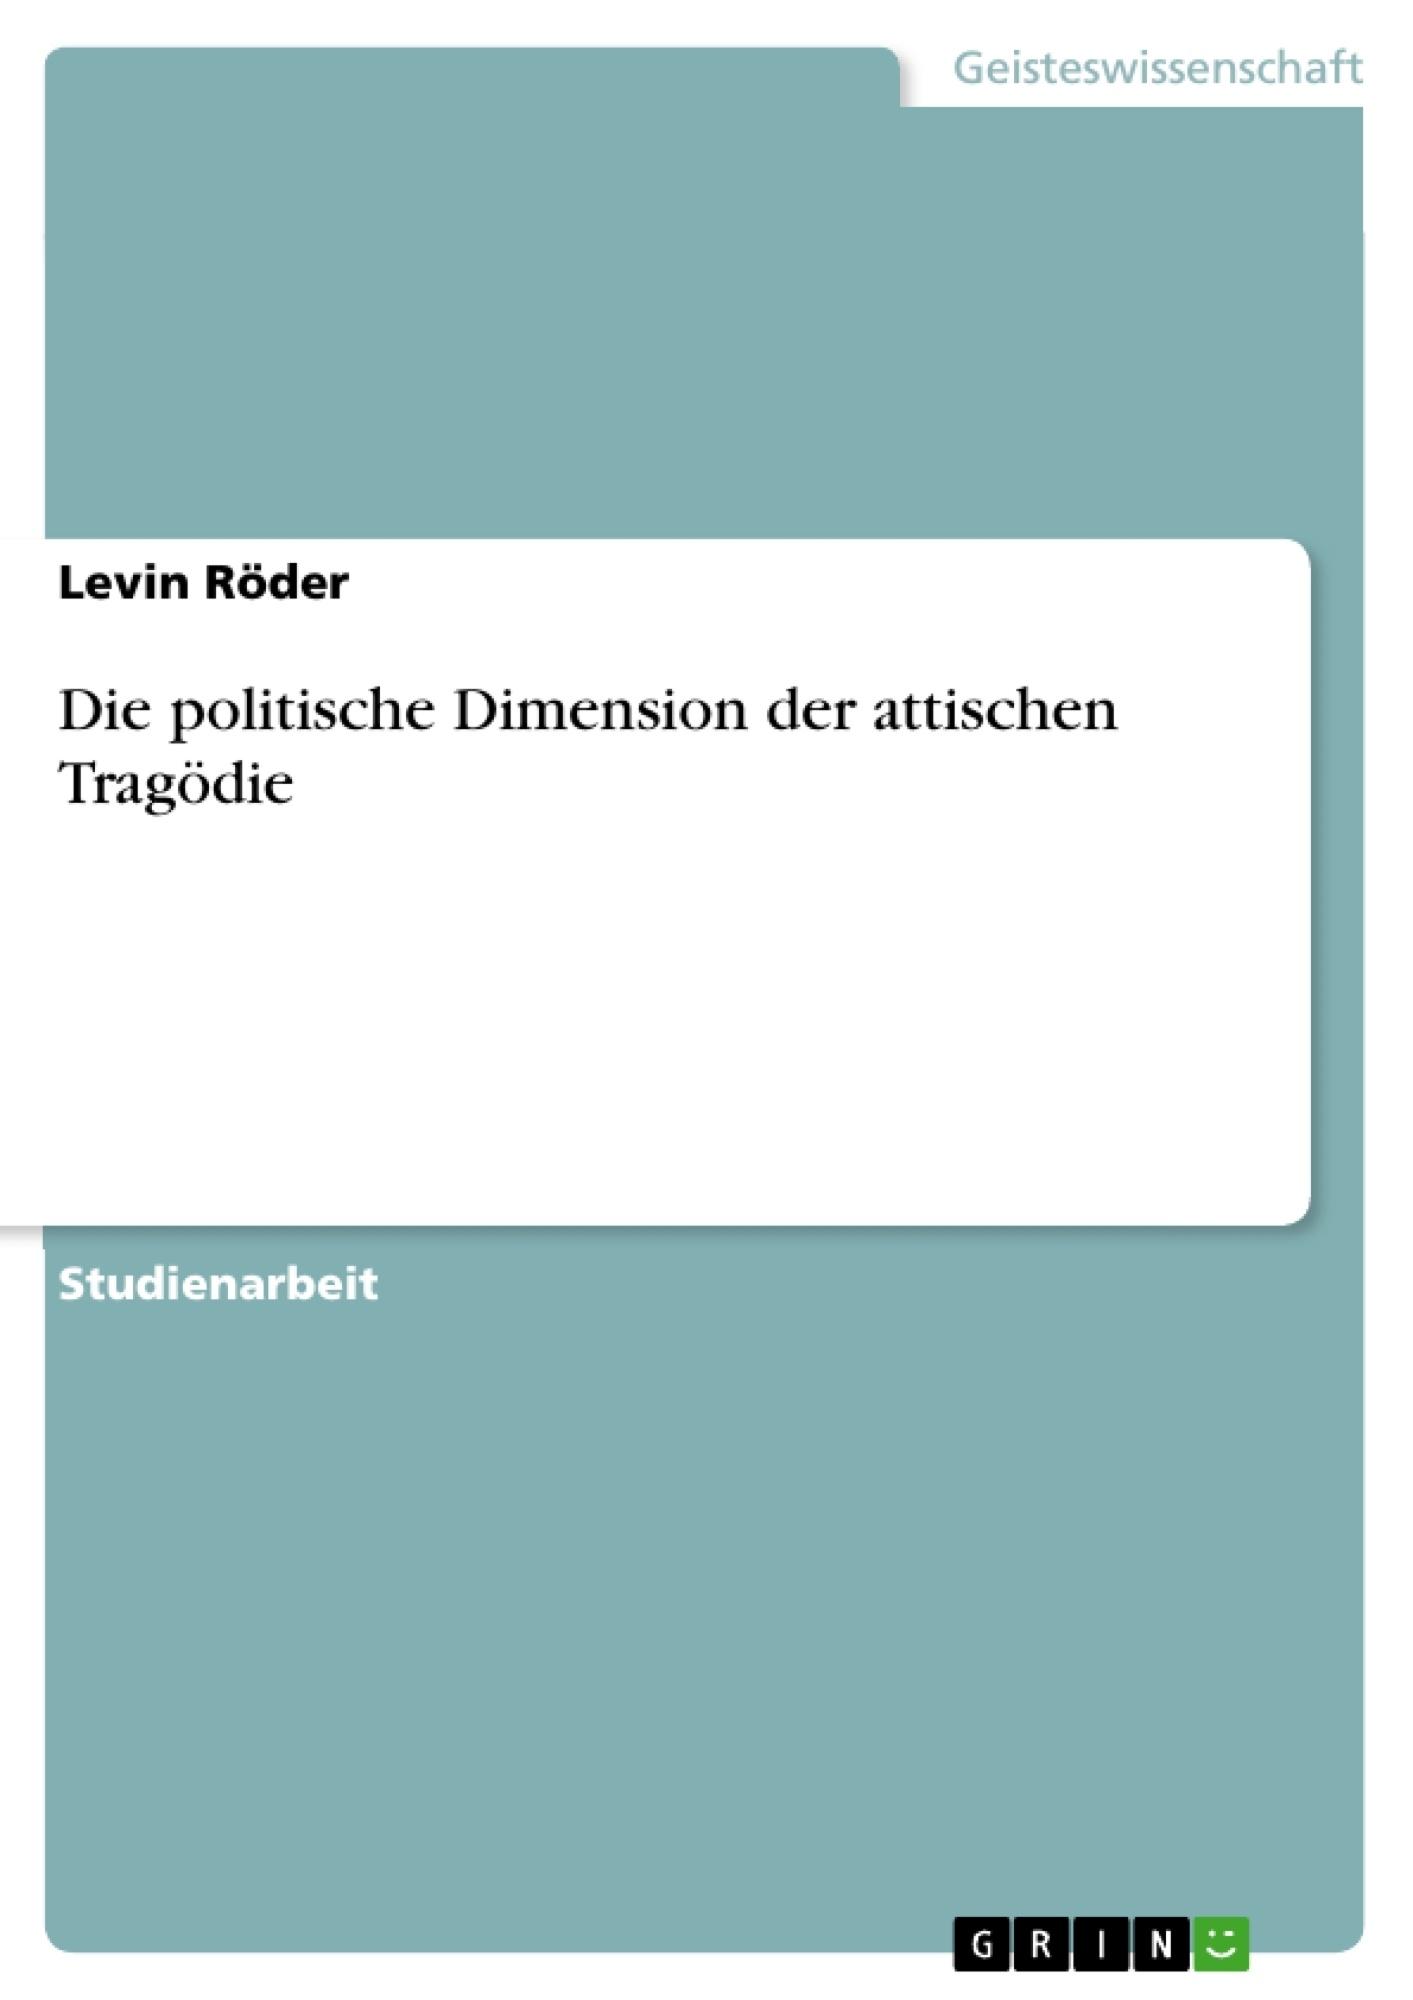 Titel: Die politische Dimension der attischen Tragödie